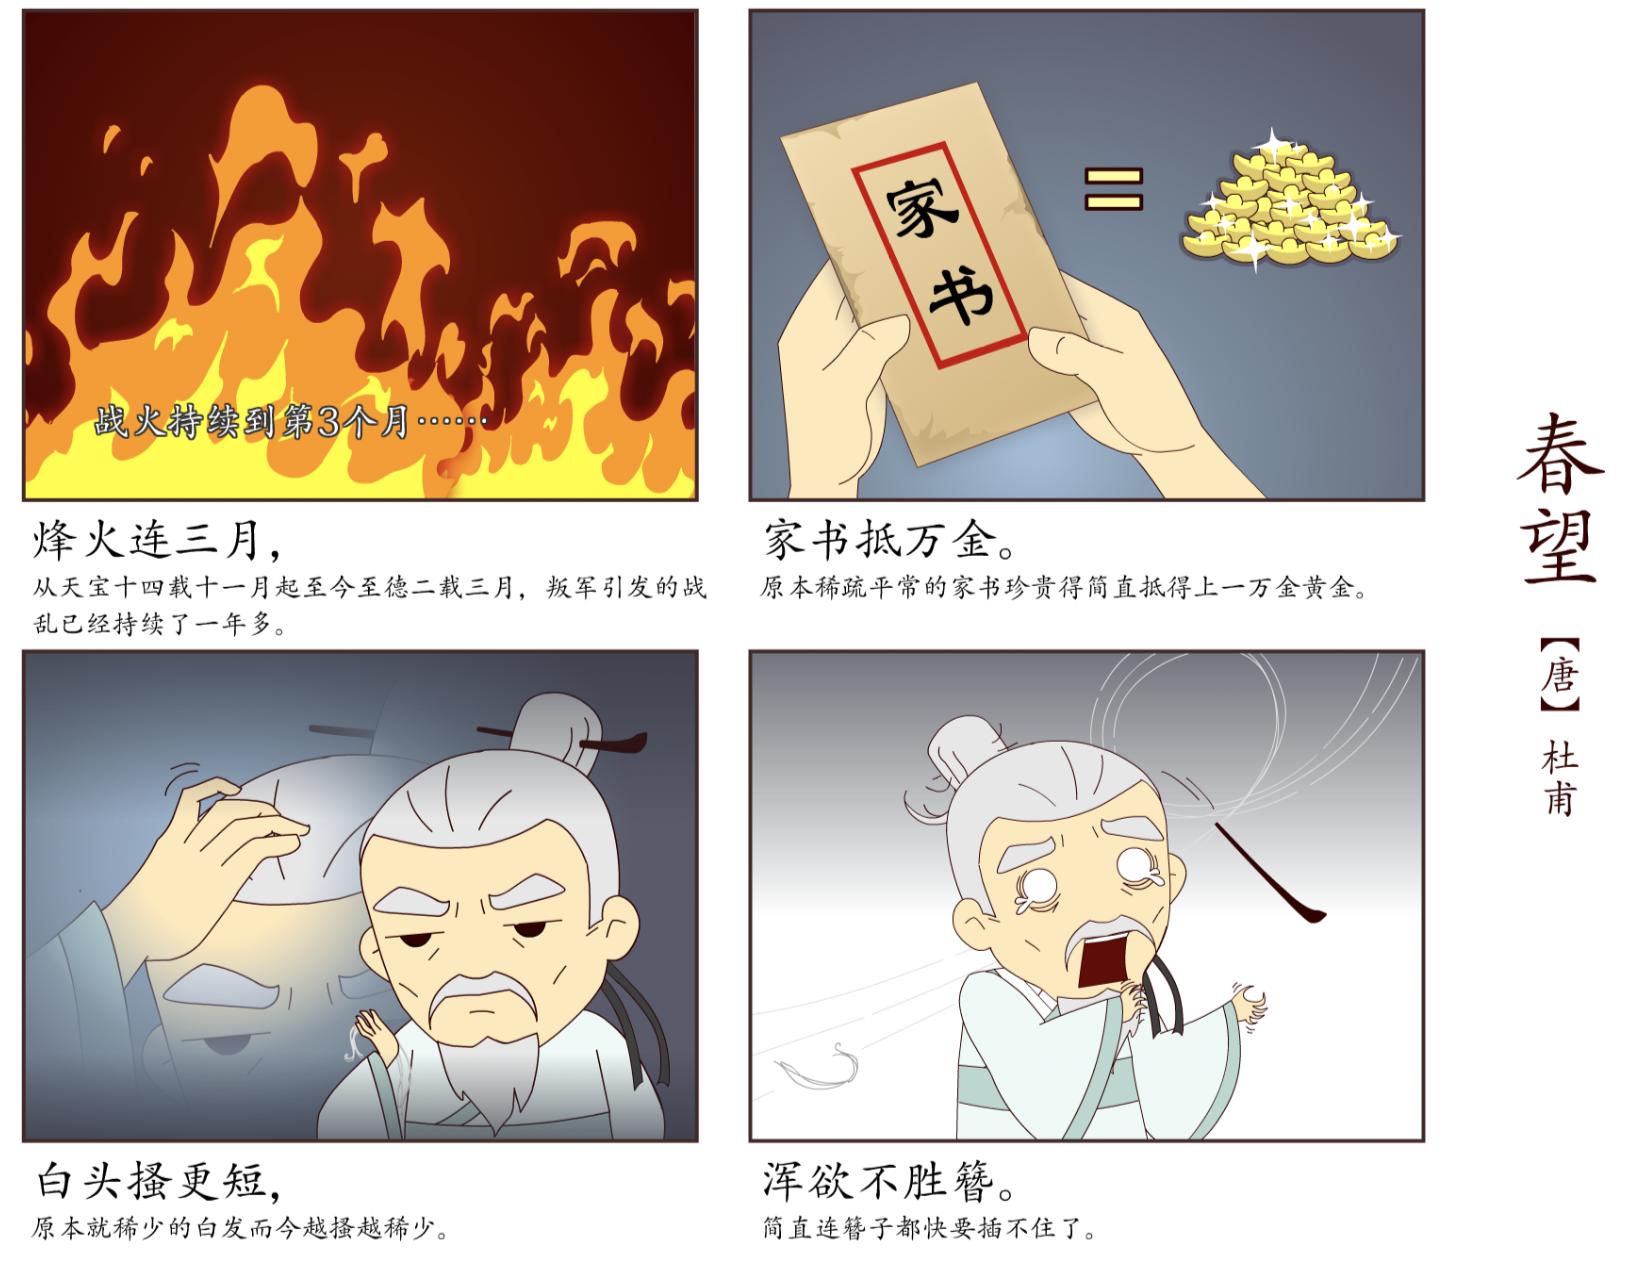 【插画漫画】原创IP吉祥物Q版卡通形象设计商业绘本企业包装